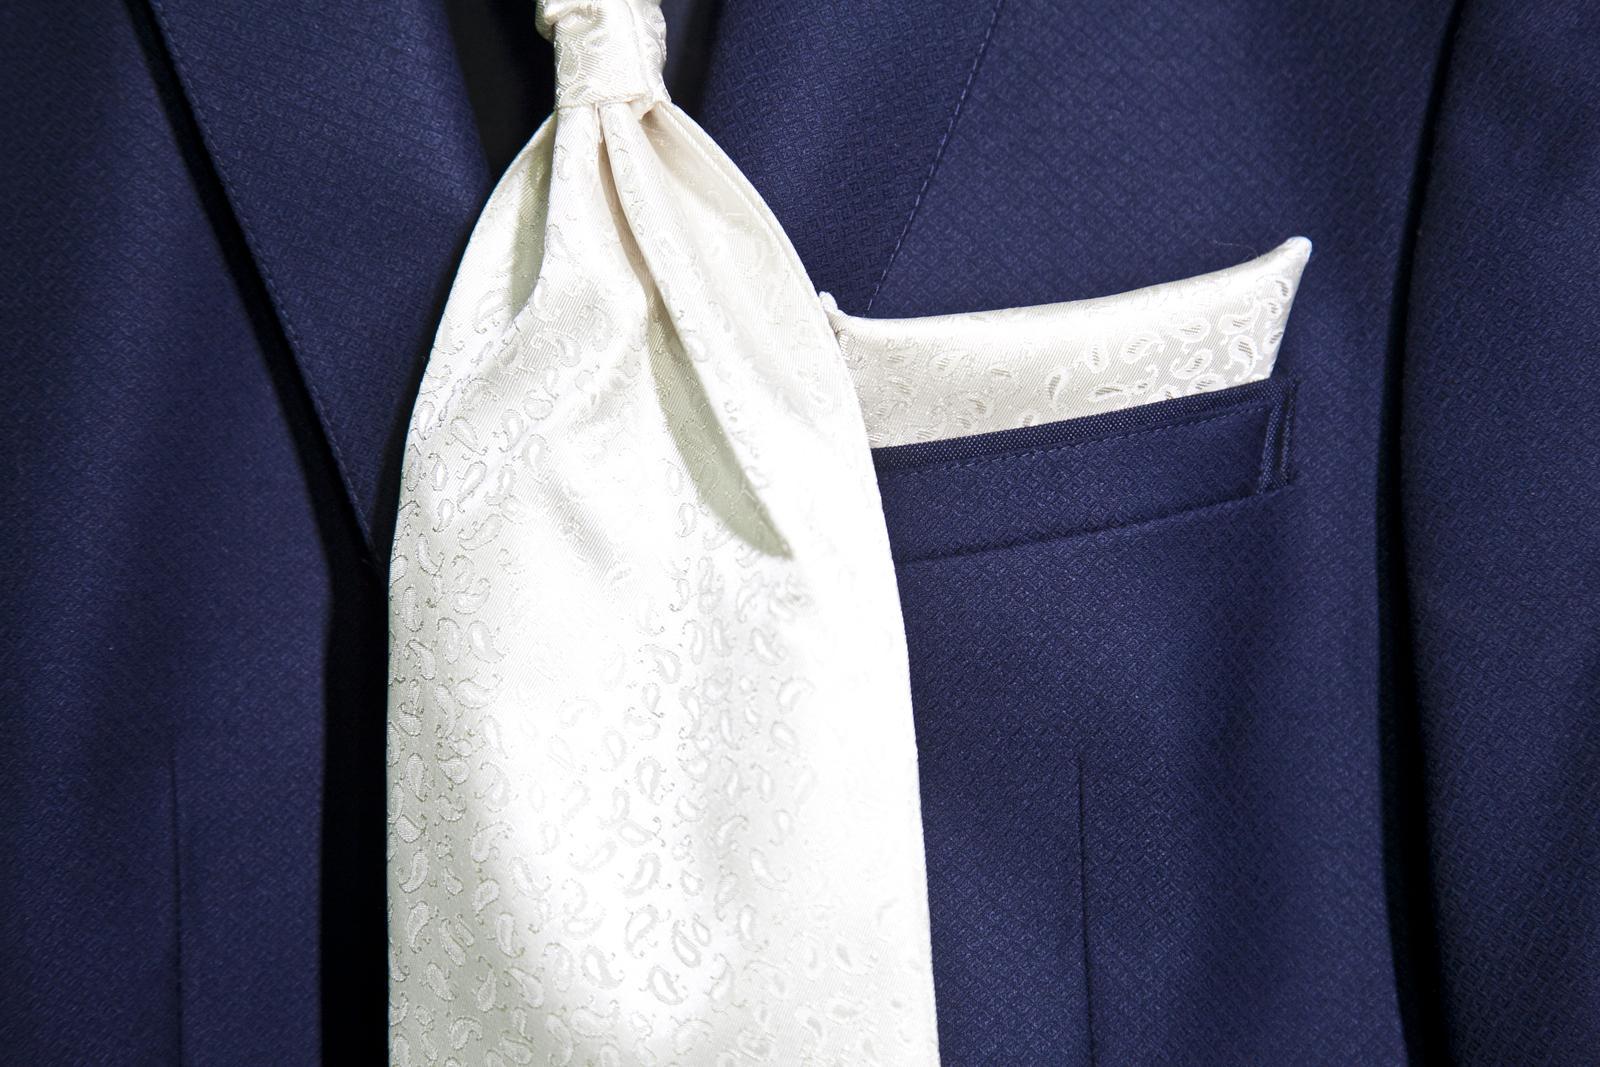 919f23e51 Svadobná vesta+kravata+vreckovka do saka, 40 - 45 € | Svadobný bazár |  Mojasvadba.sk